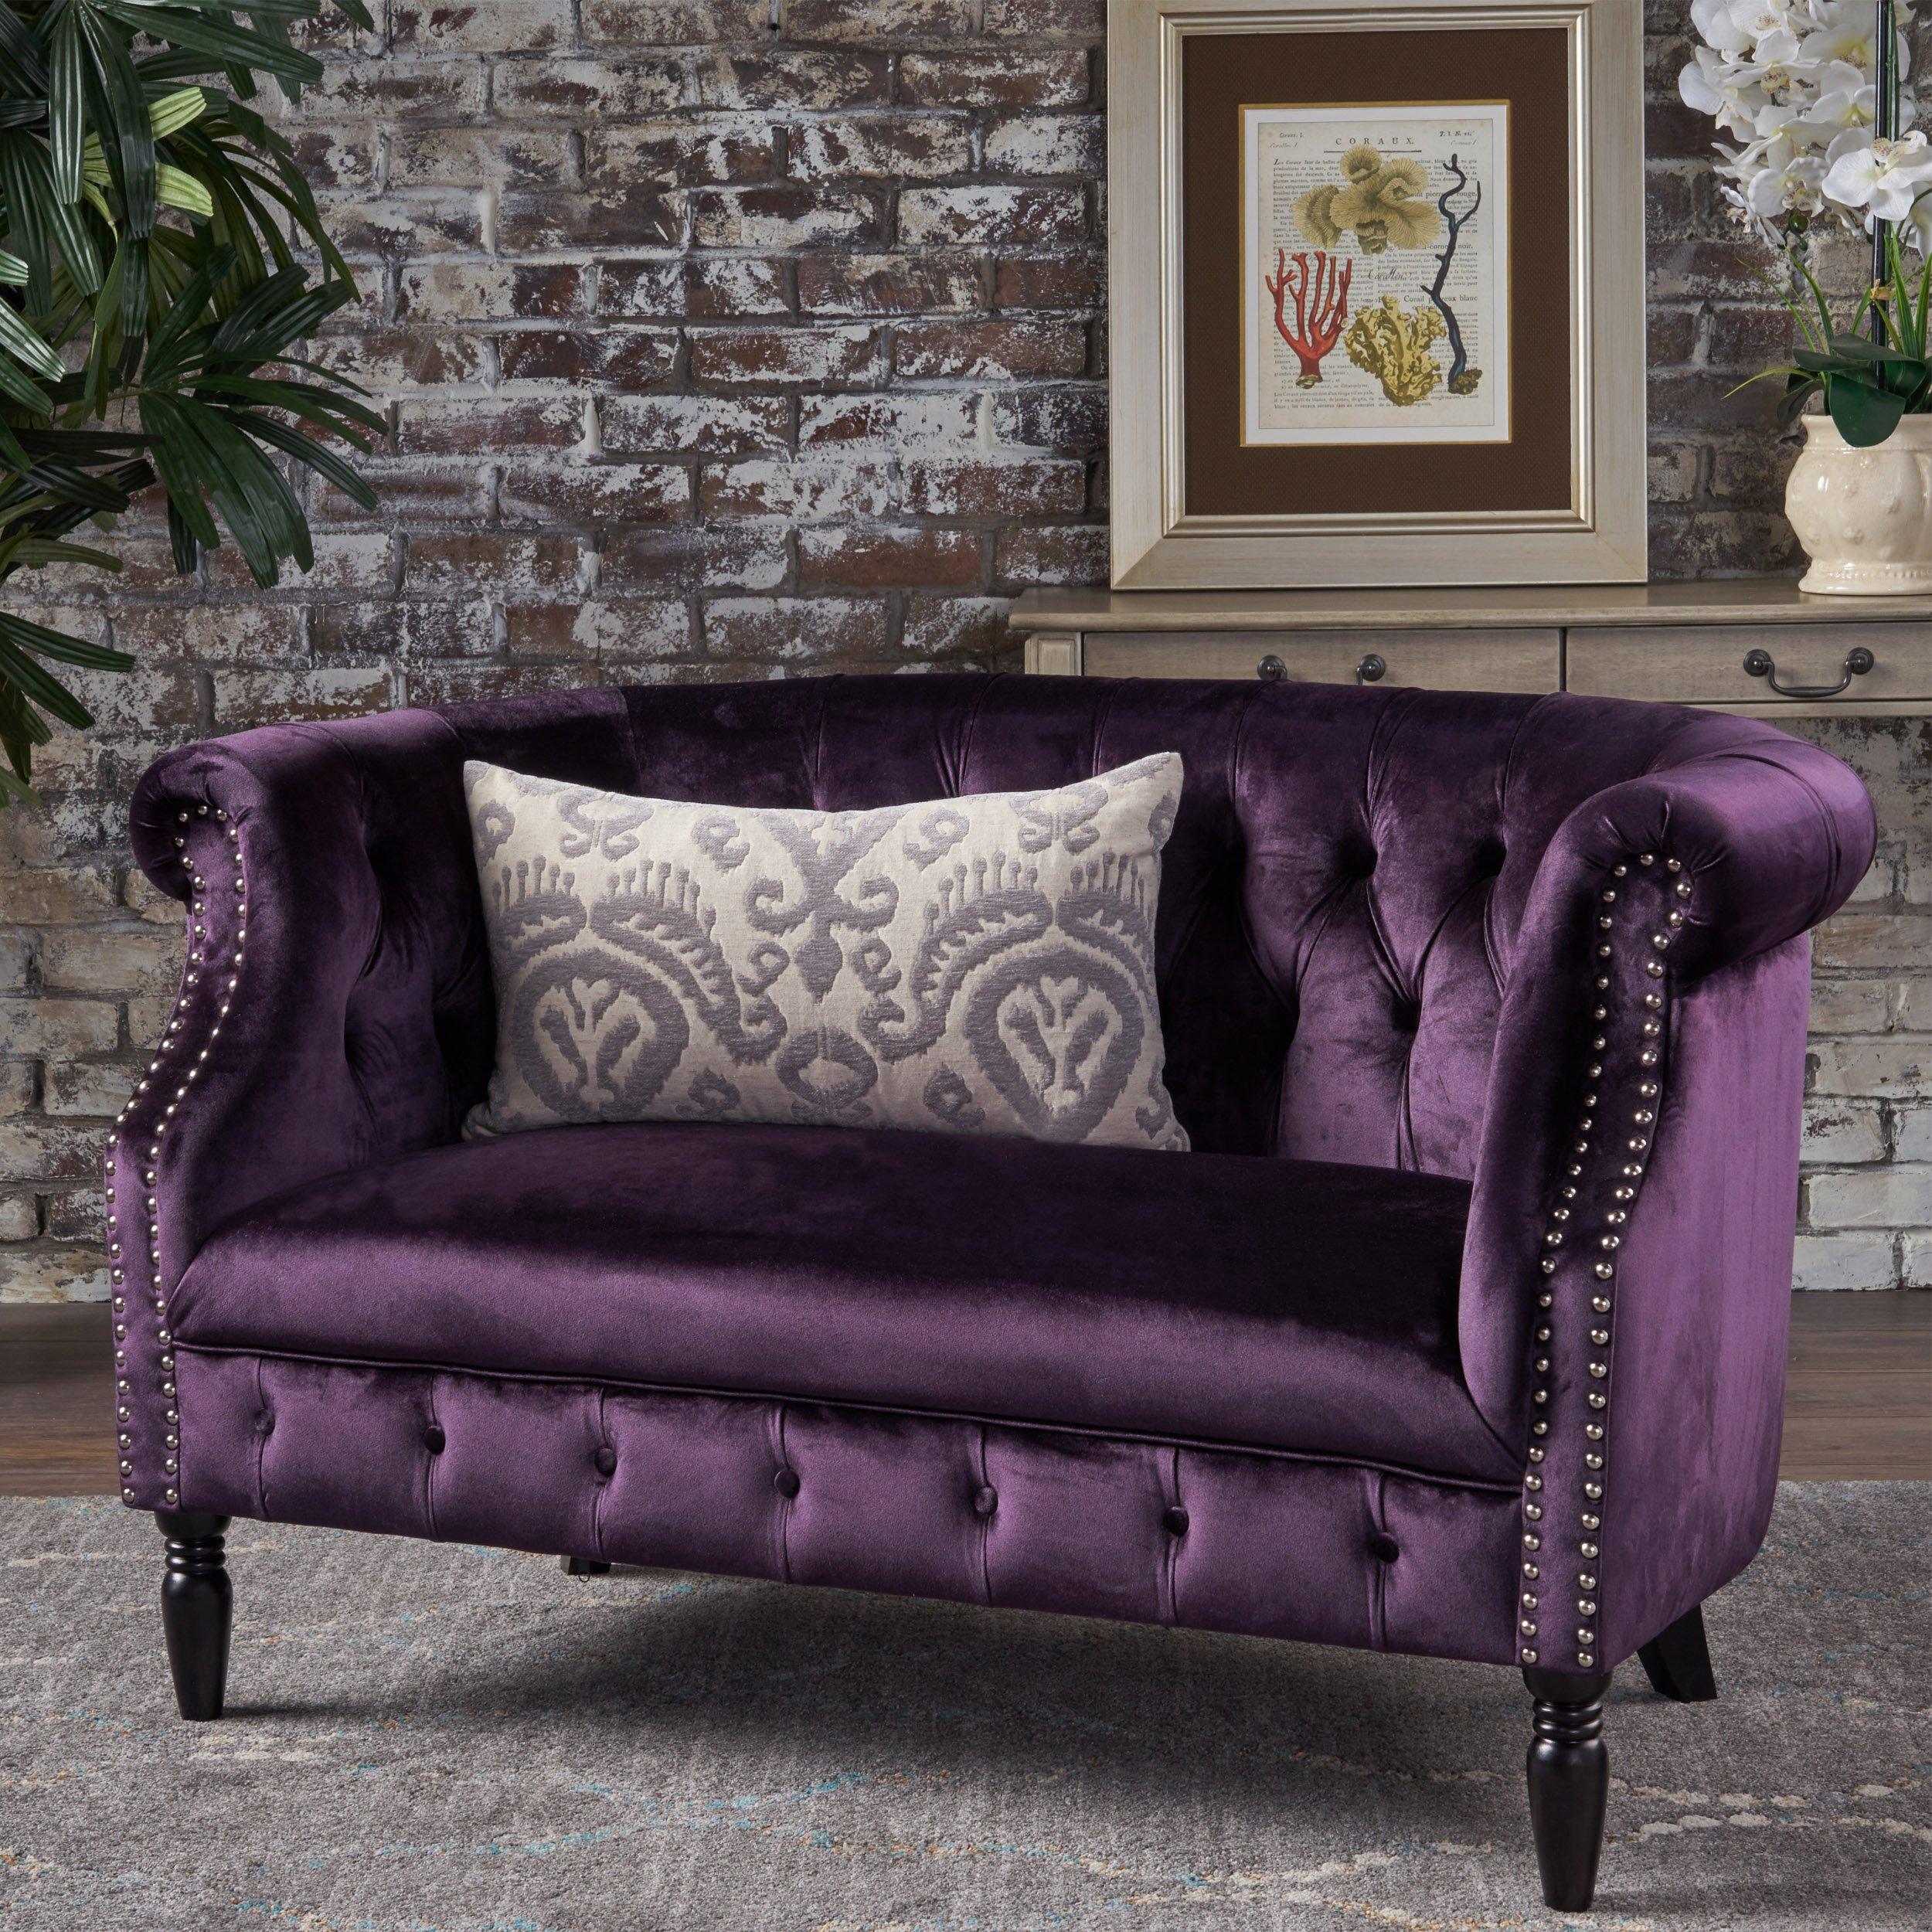 Christopher Knight Home Melaina BlackBerry Tufted Rolled Arm Velvet Chesterfield Loveseat Couch by Christopher Knight Home